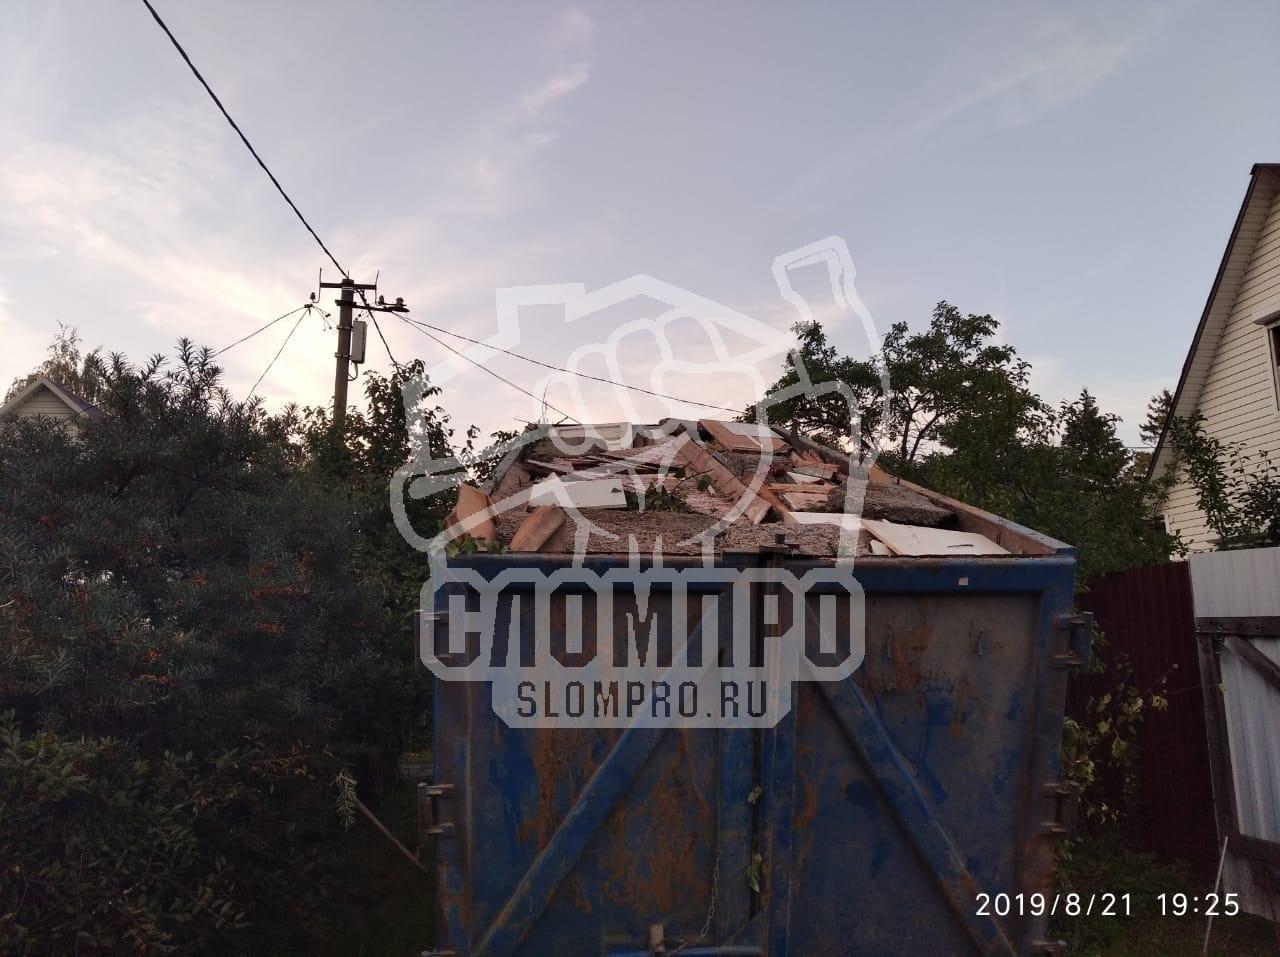 Загруженный контейнер 27м3 строительным мусором